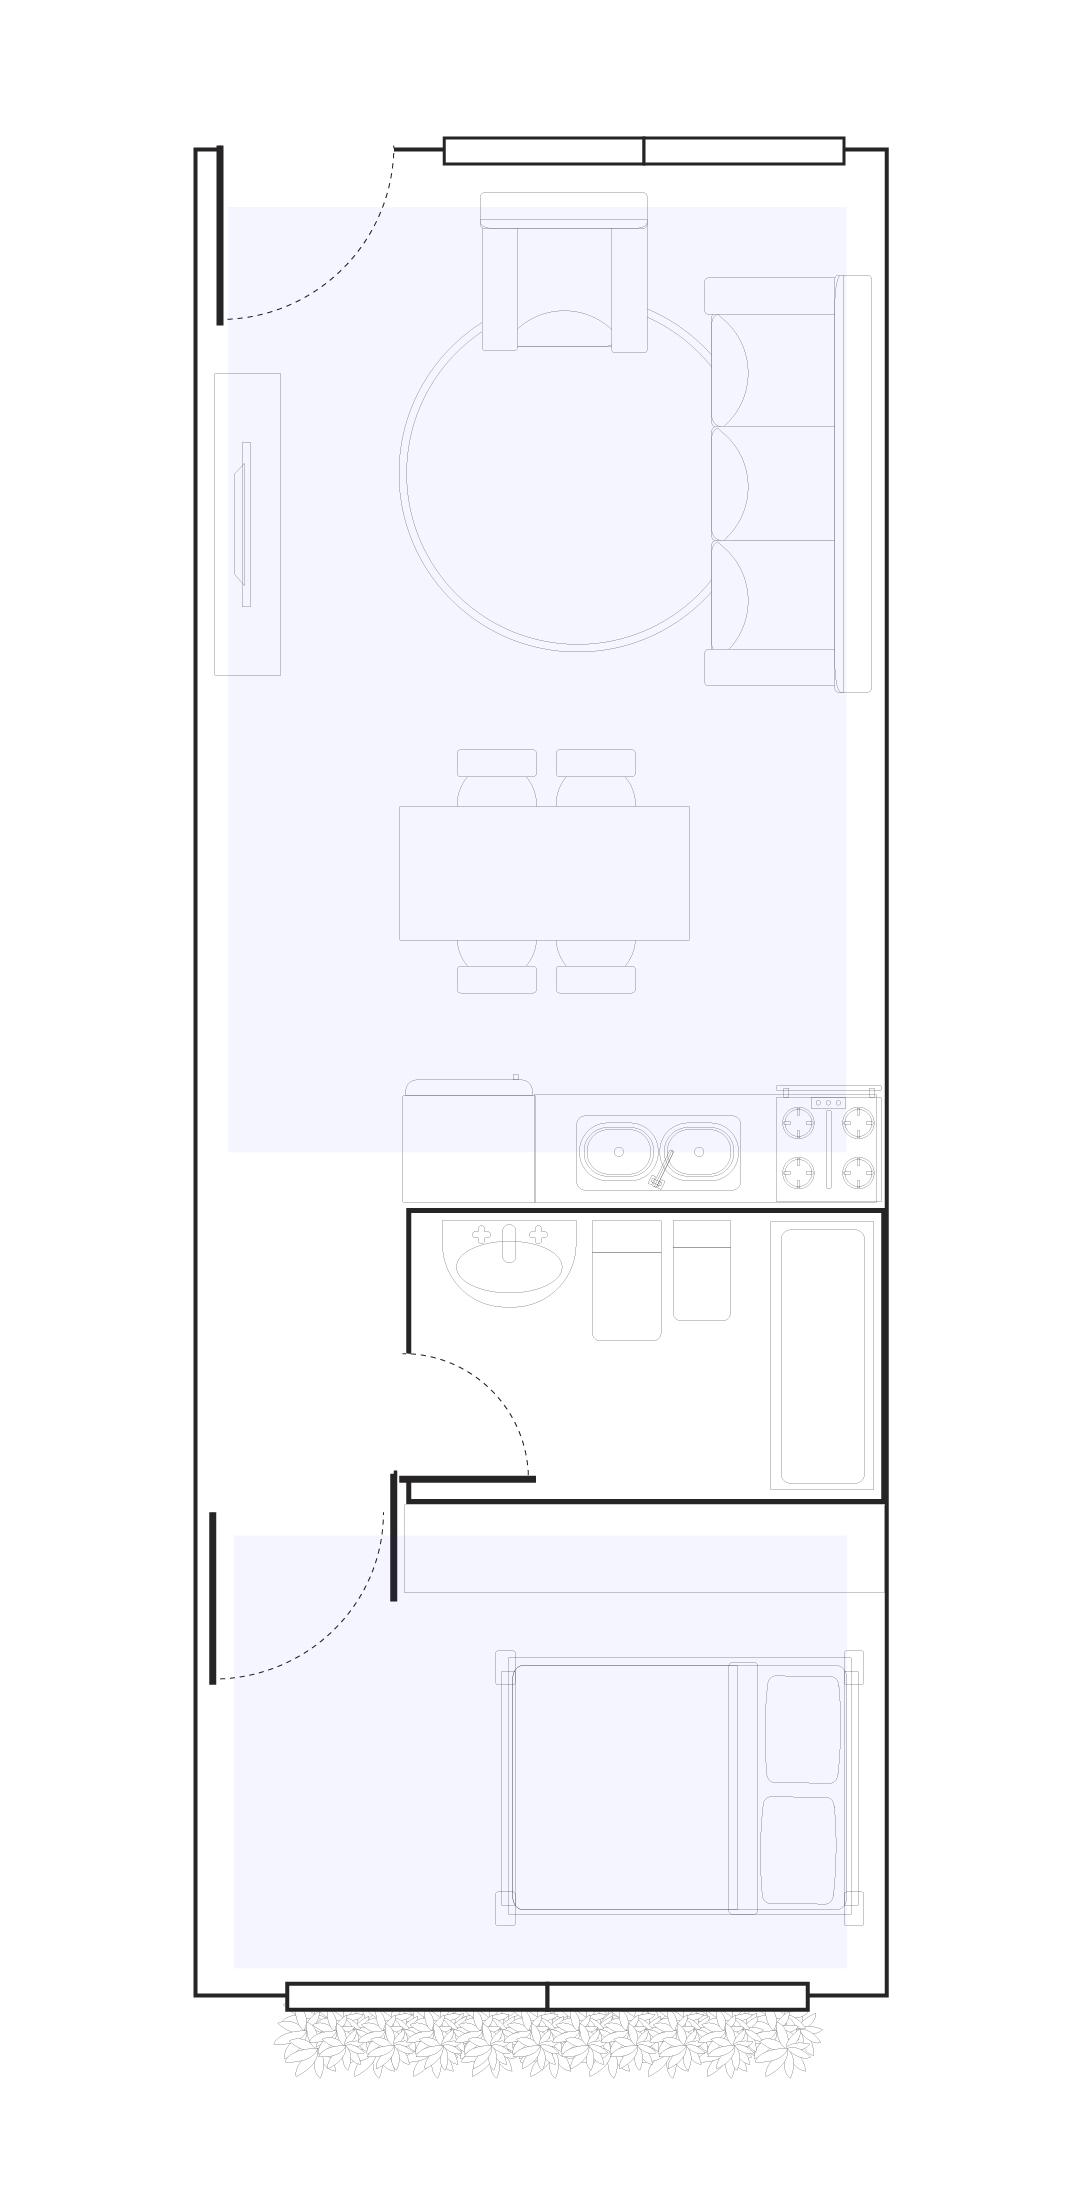 2 ambienteS edificio 1_Mesa de trabajo 1 copia 9